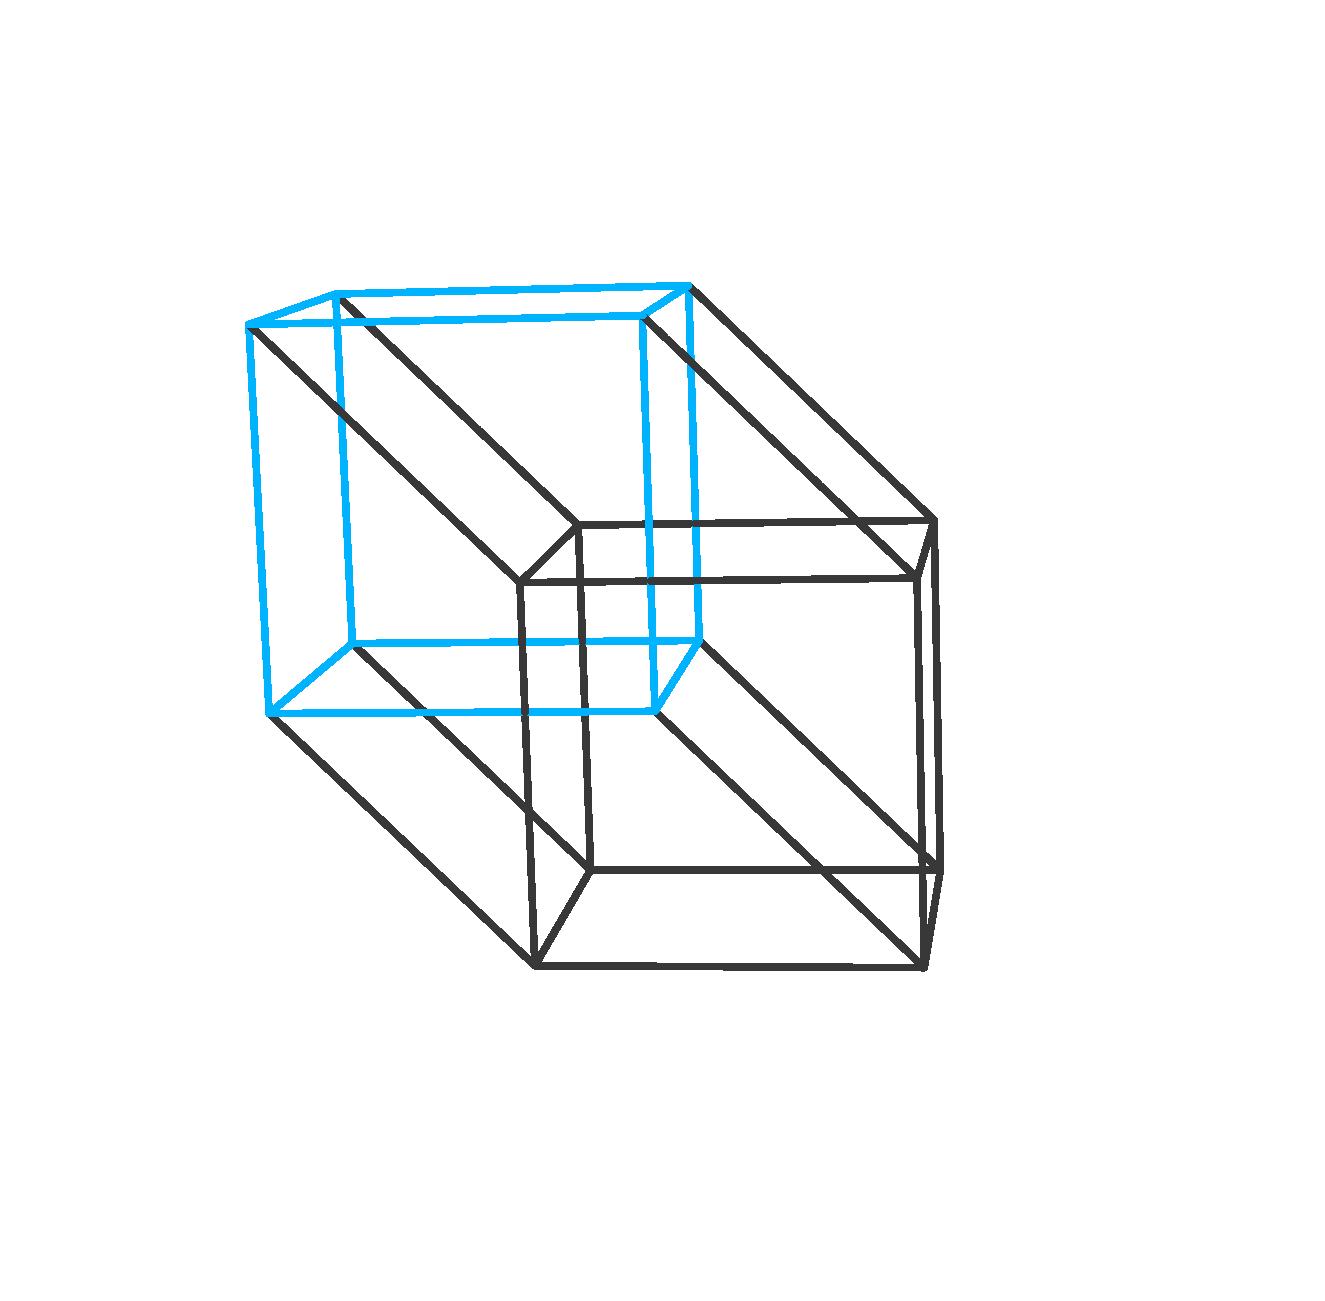 jedinice mere za površinu za 4 razred